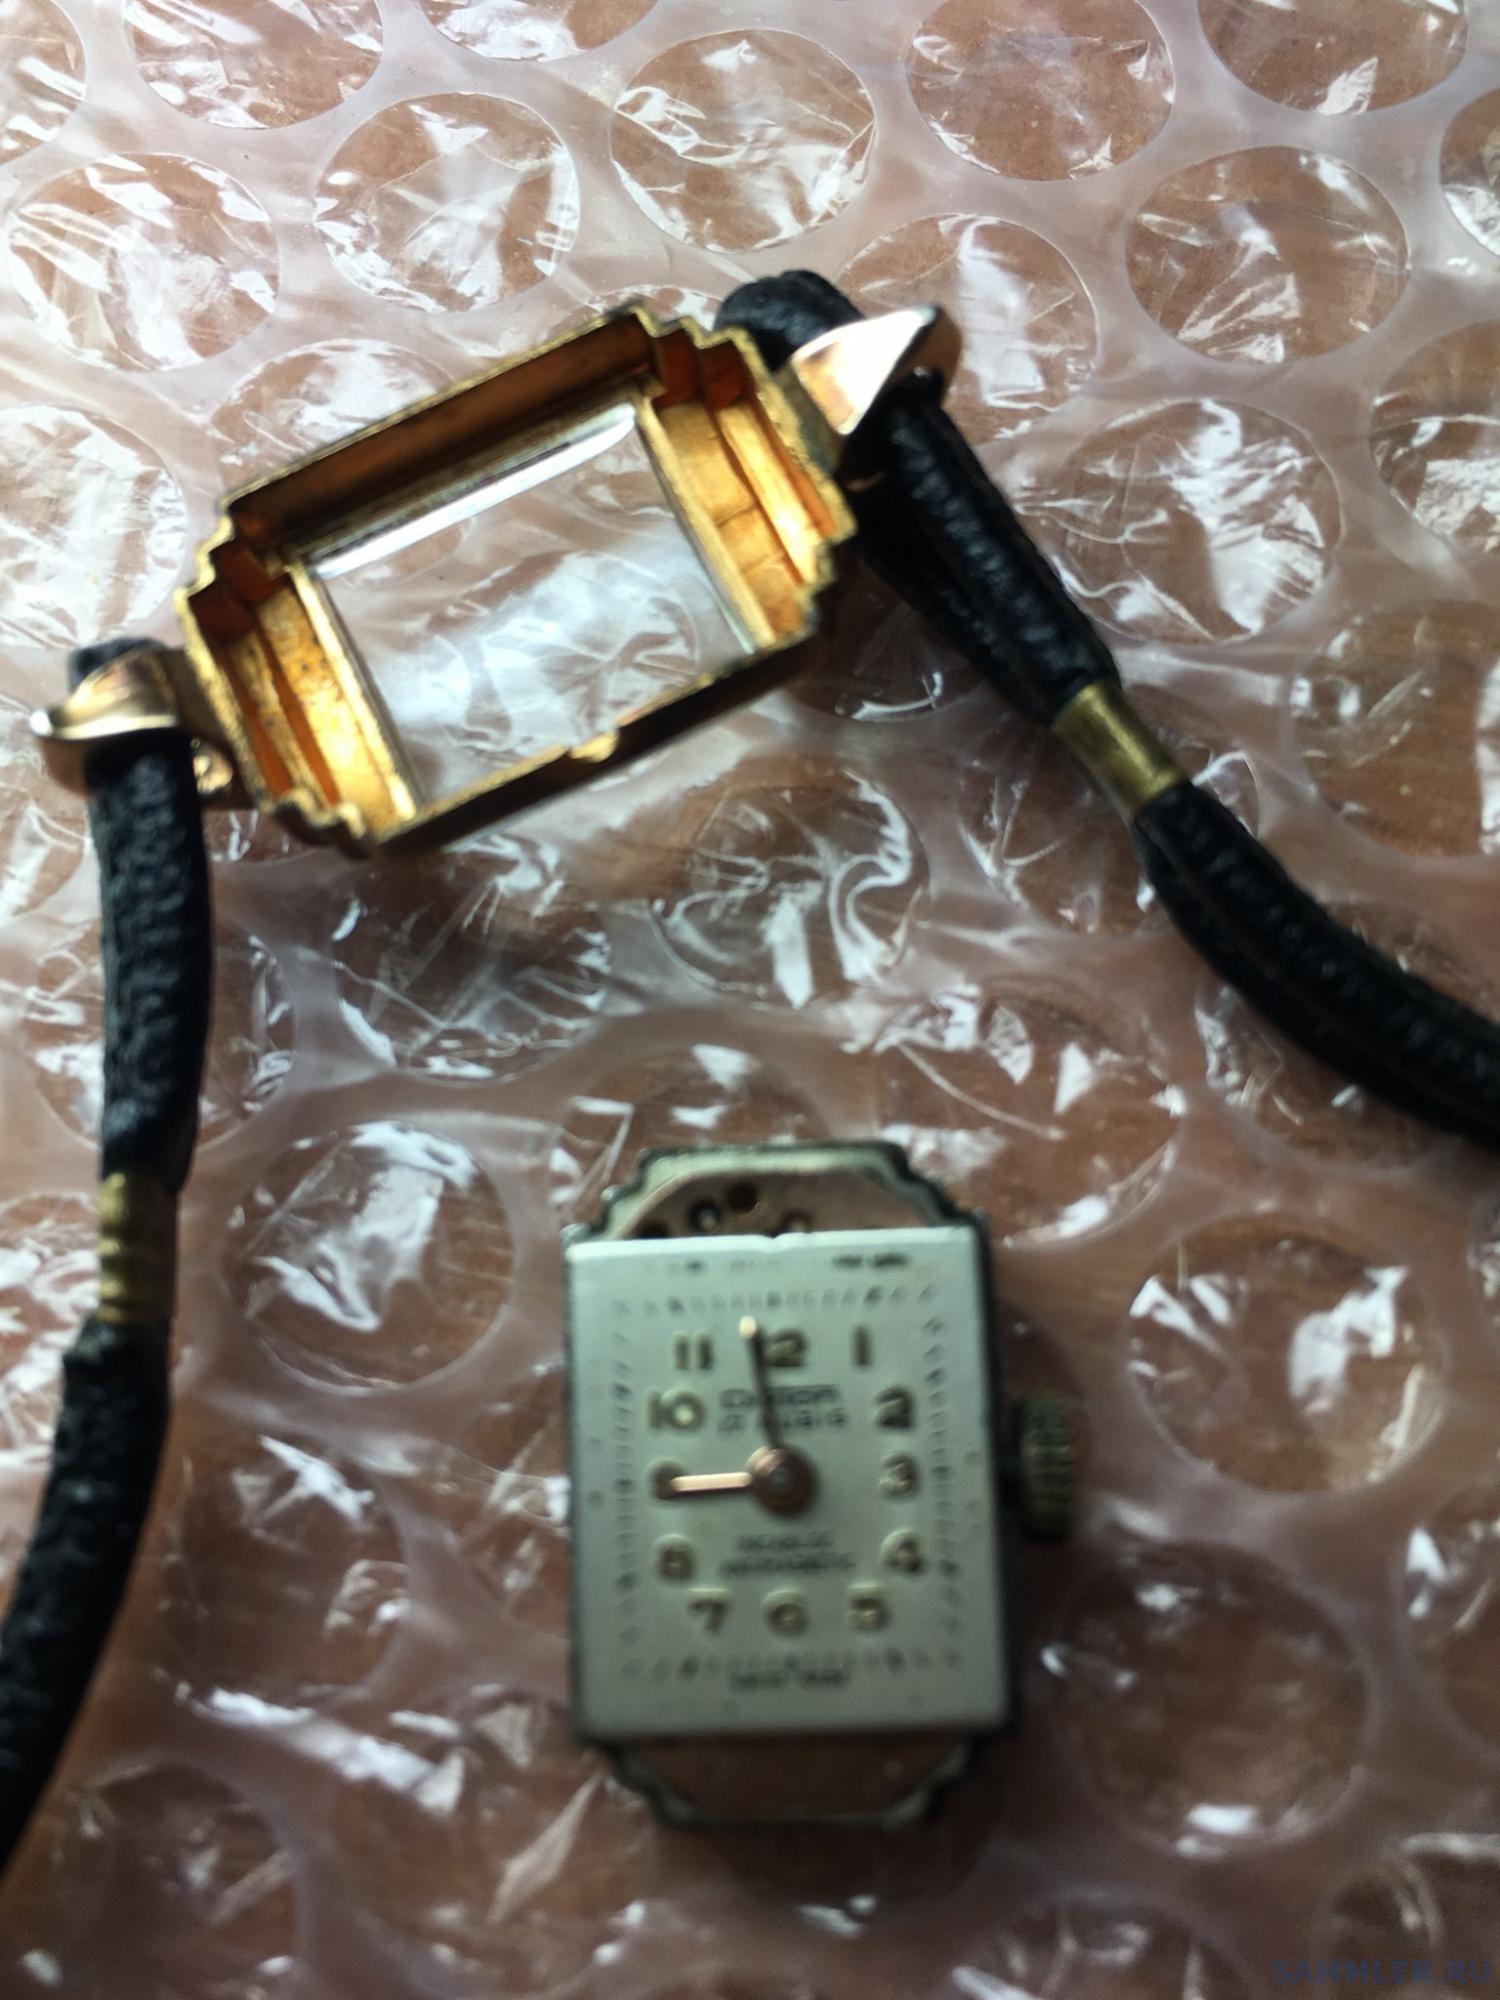 50B0AE5A-73B2-40C8-8C12-43C79117064E.jpg